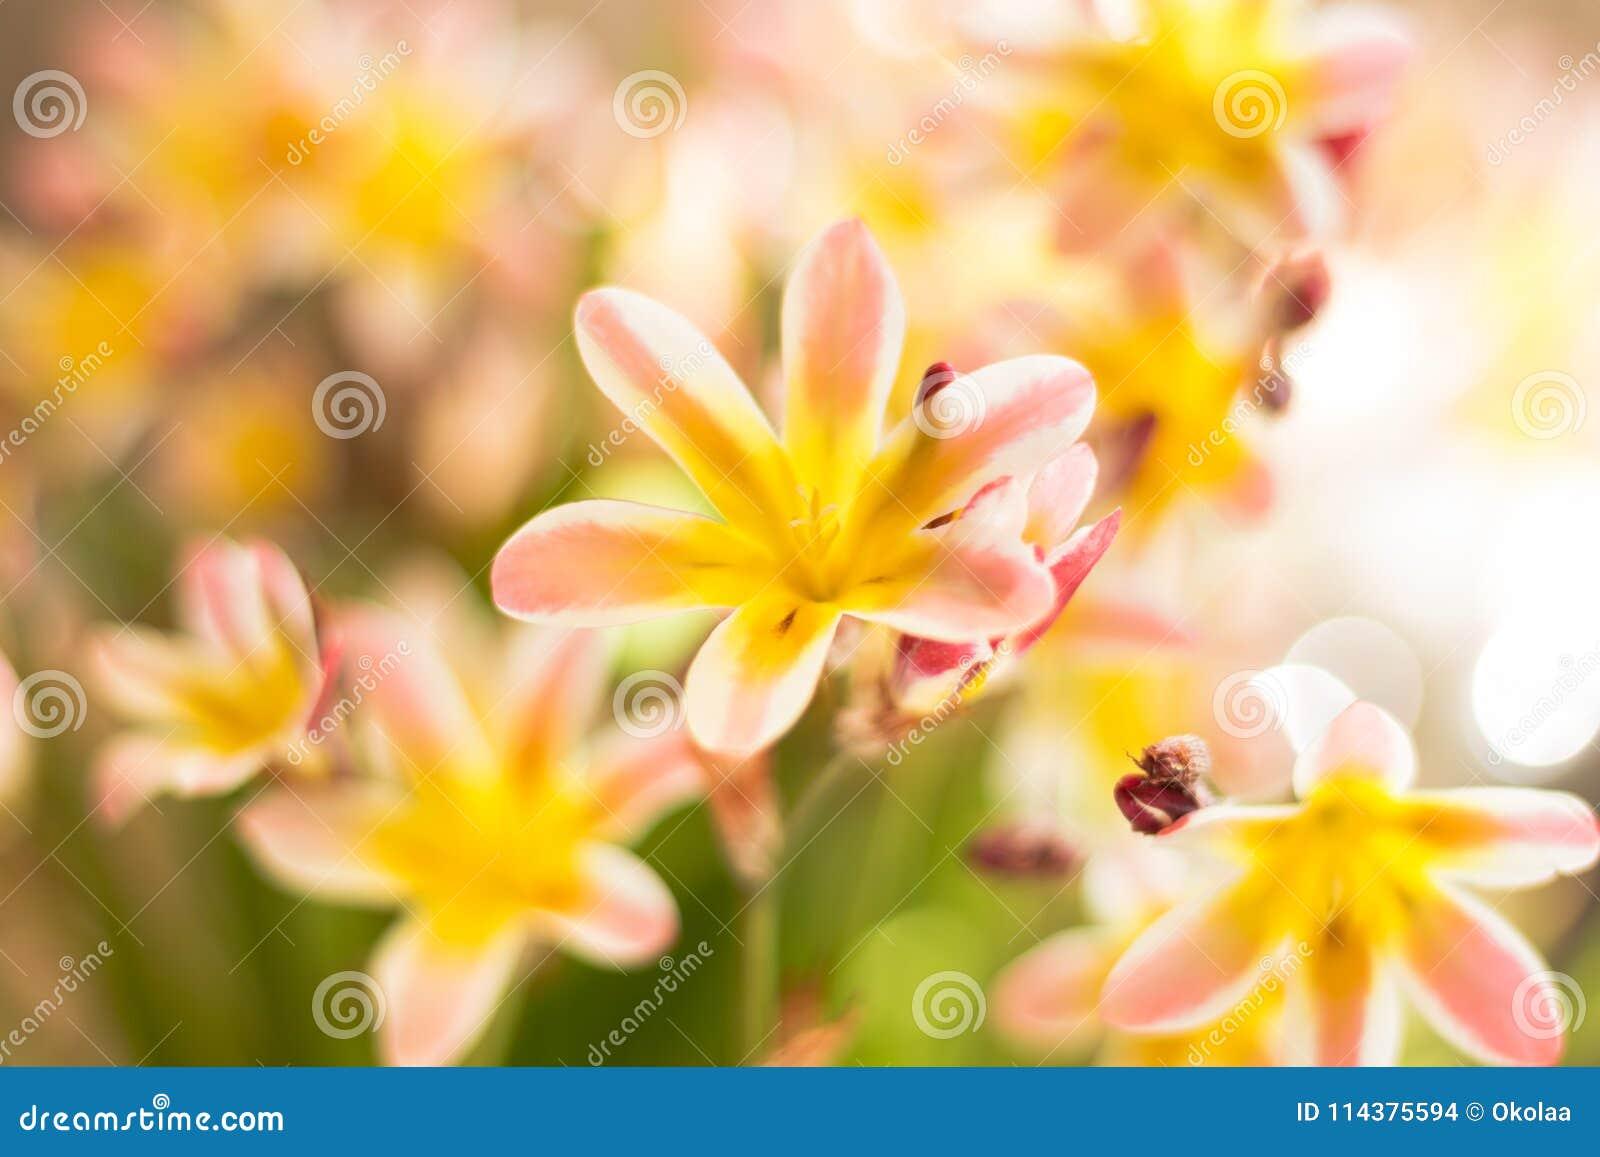 抽象背景五颜六色花卉